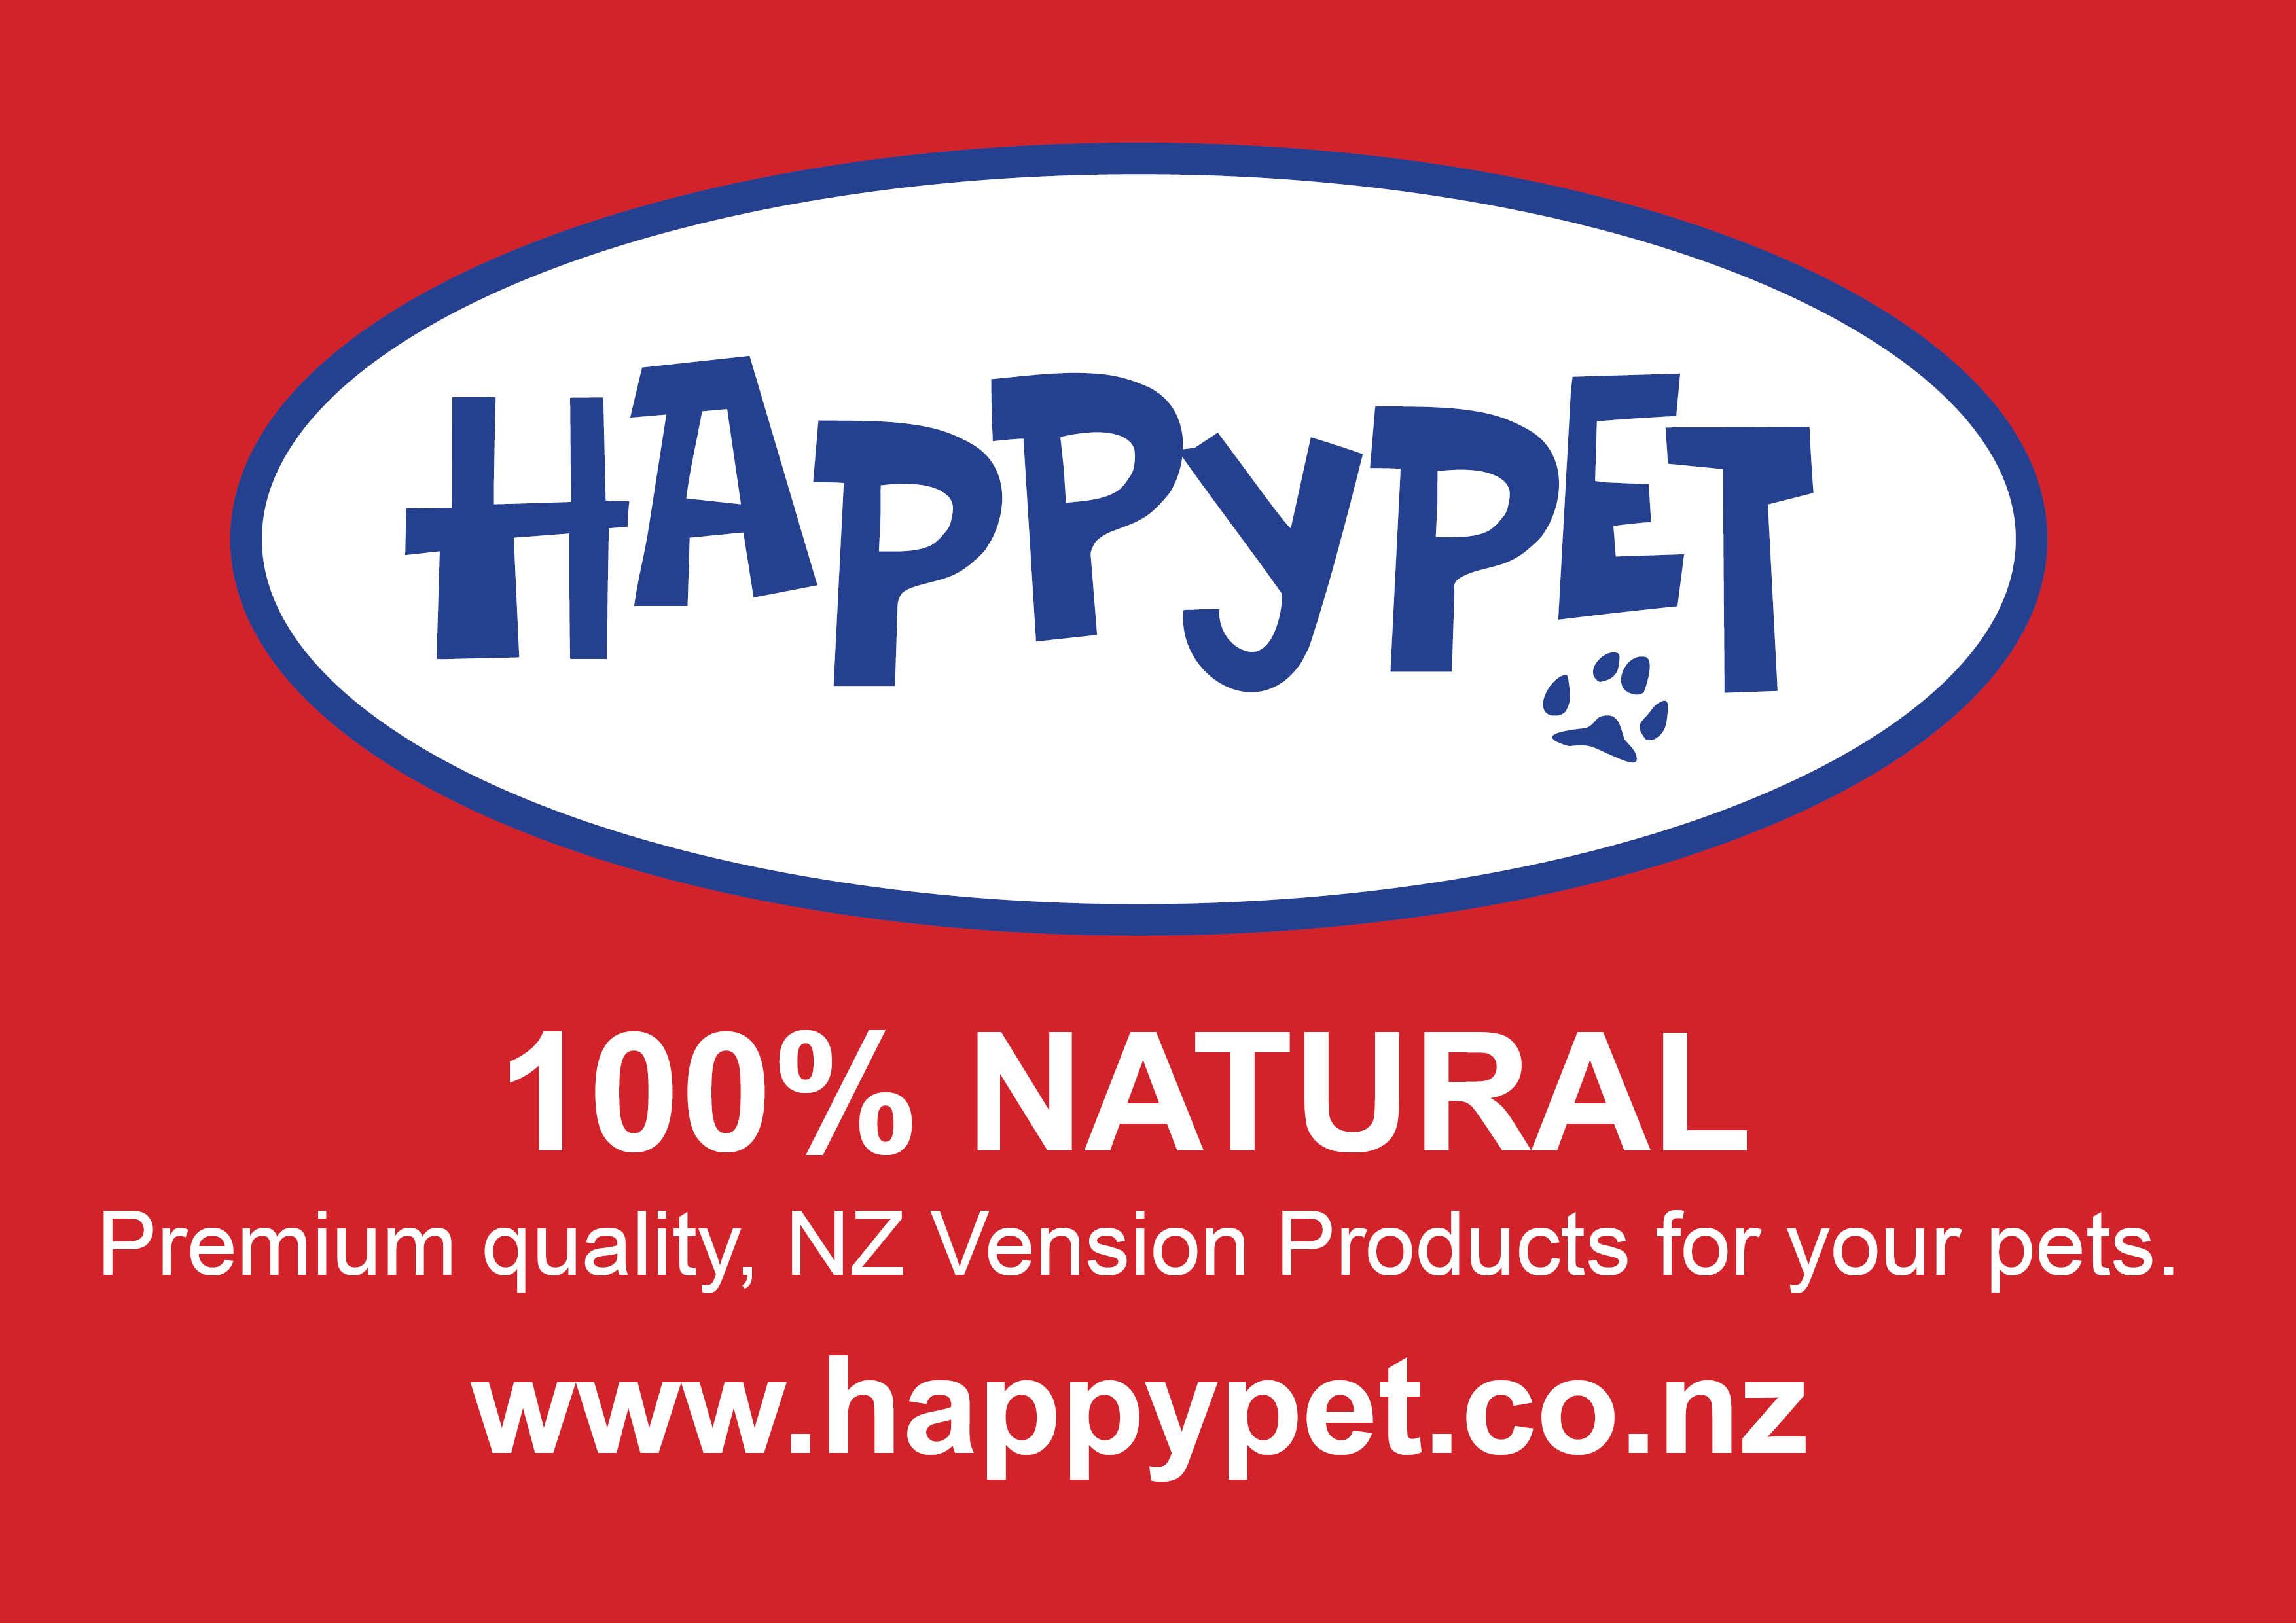 happypet-a4-logo